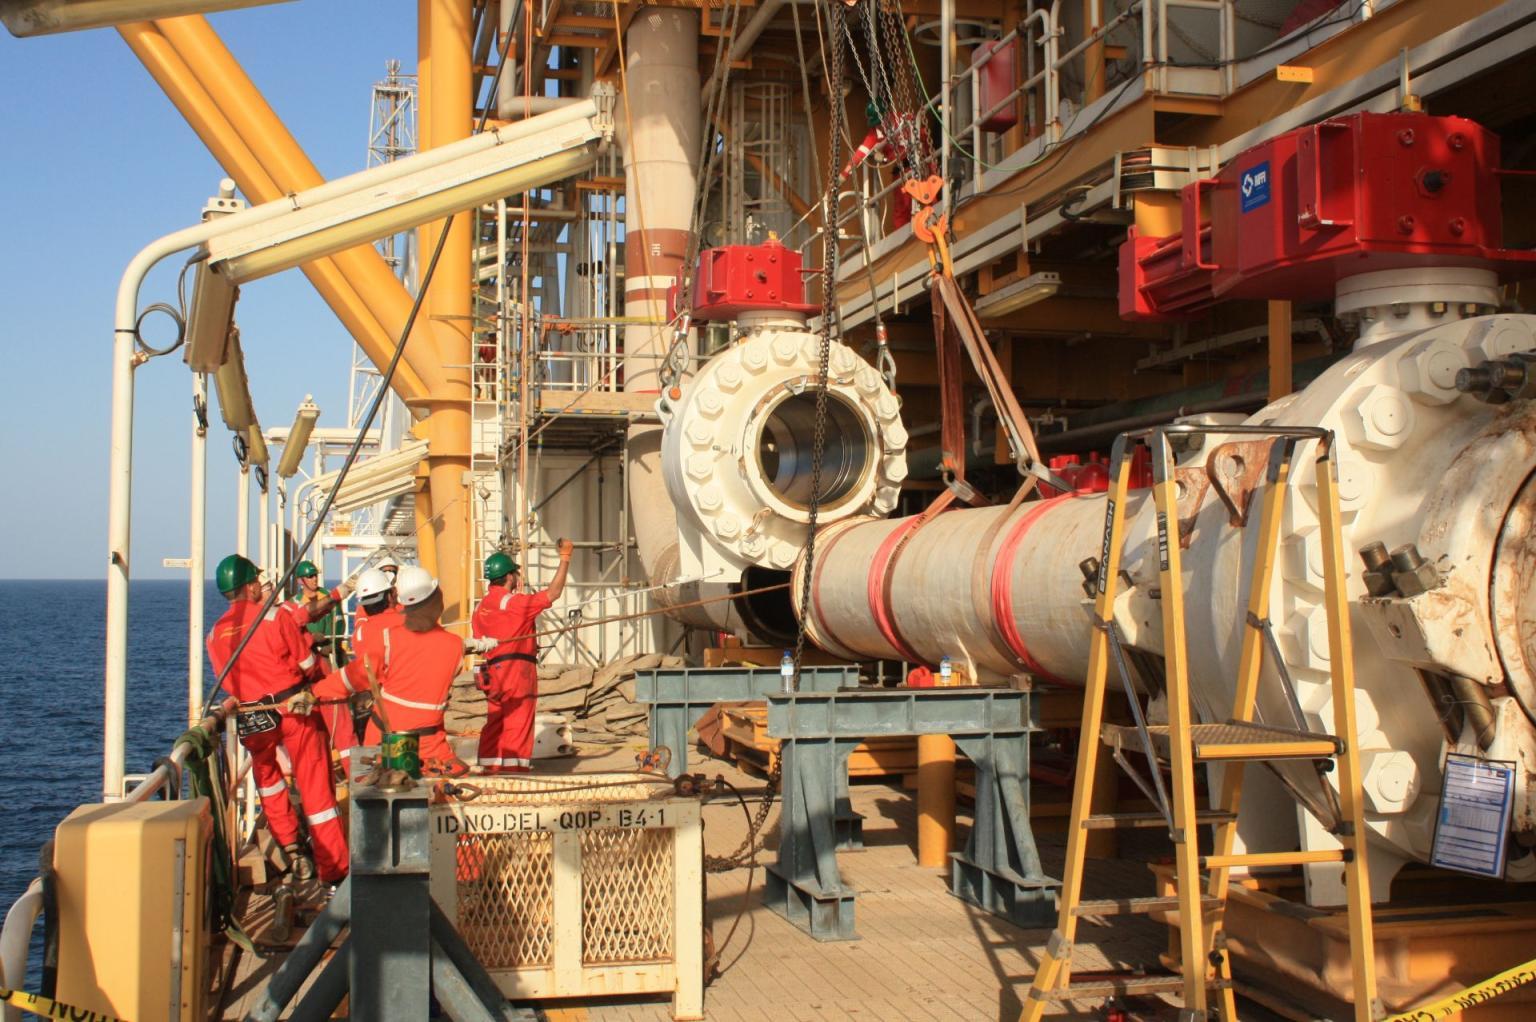 Para atender contratos em Macaé, empresa de engenharia anuncia emprego onshore para Técnicos e Engenheiros